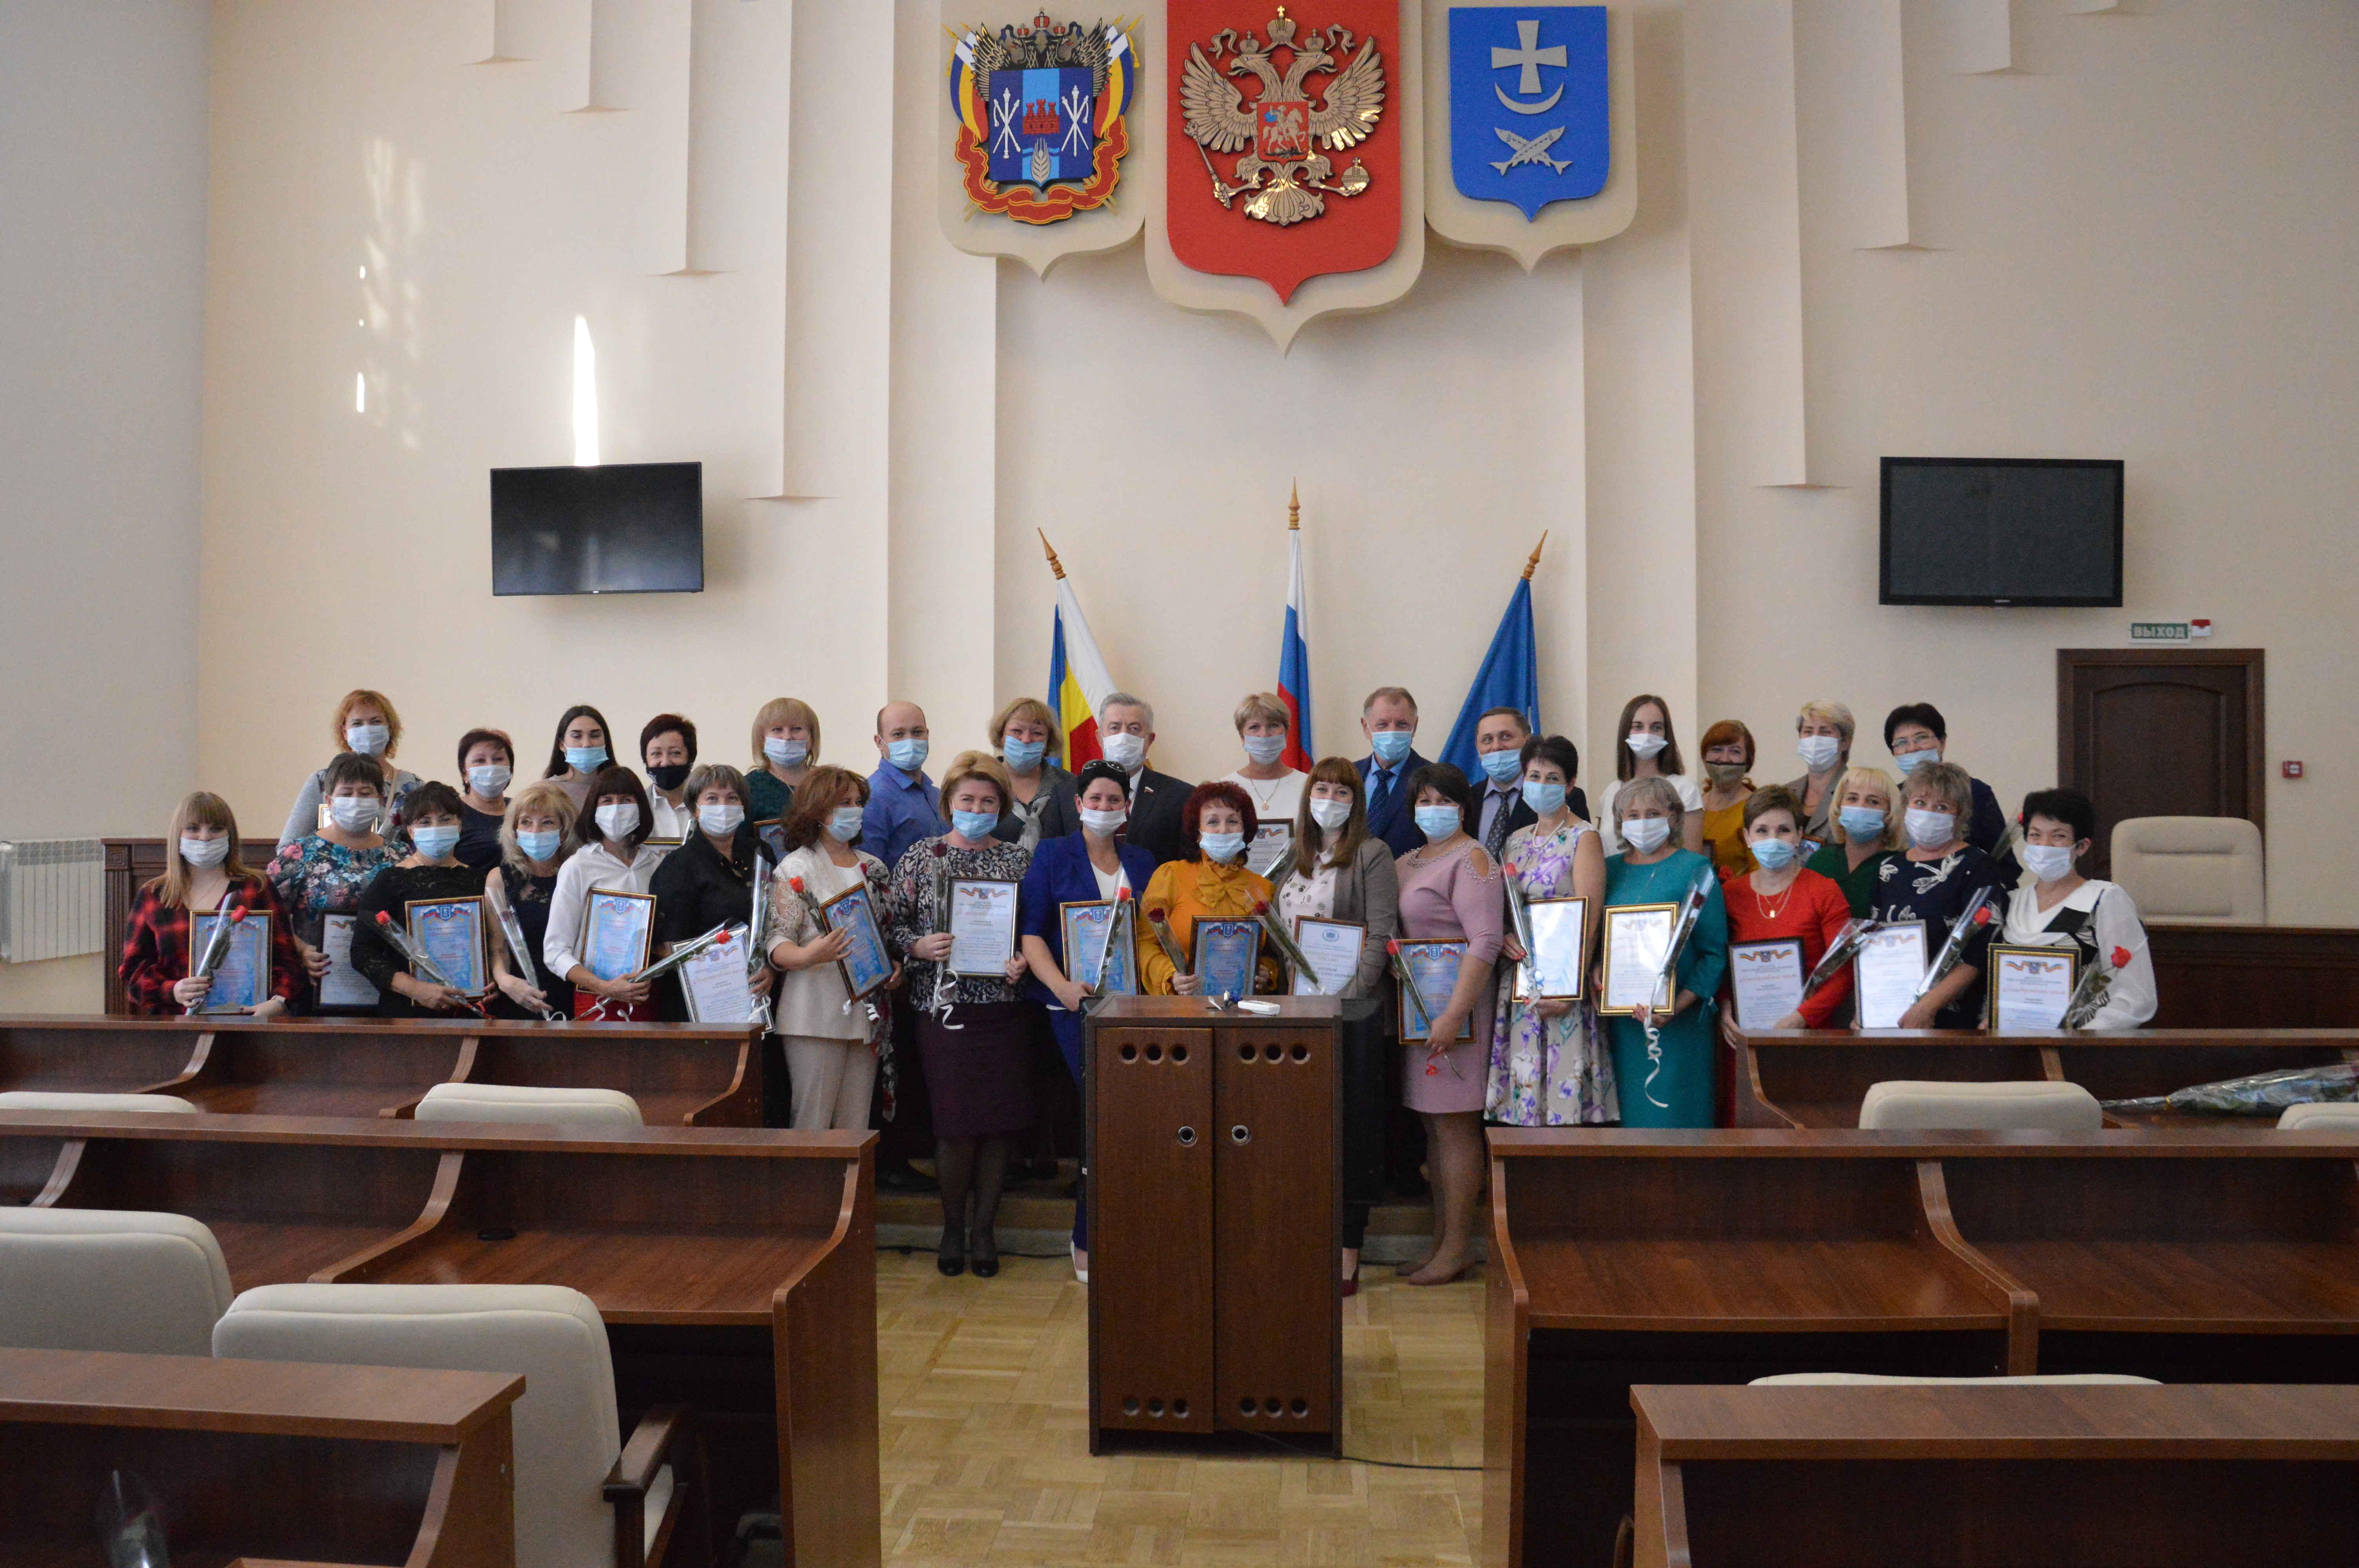 6 октября 2020 года в большом зале Администрации состоялось торжественное мероприятие, посвящённое Дню Учителя.